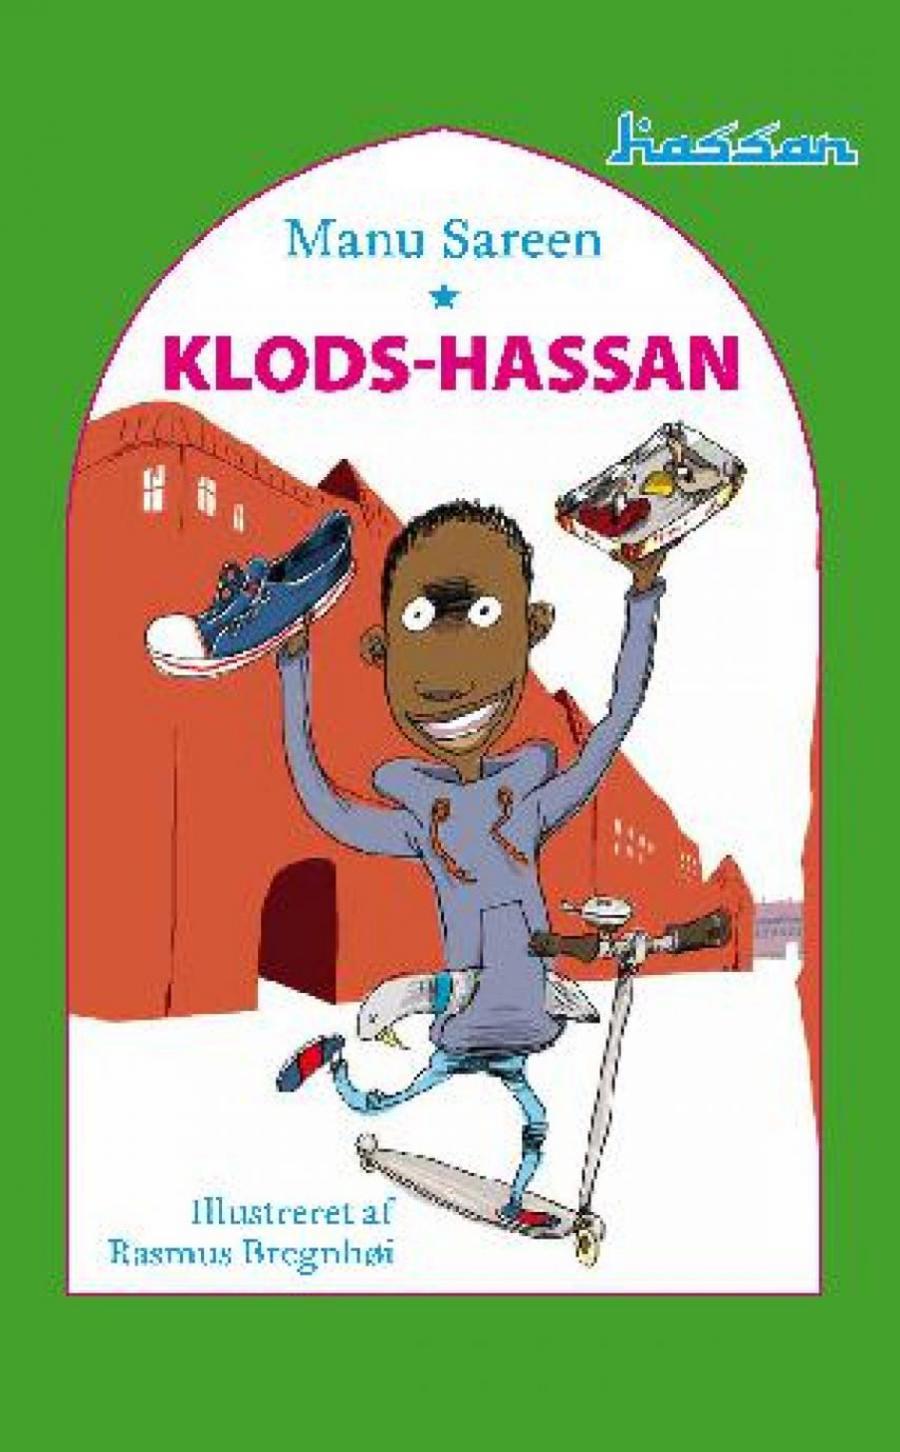 Forside af bogen Klods-Hassan